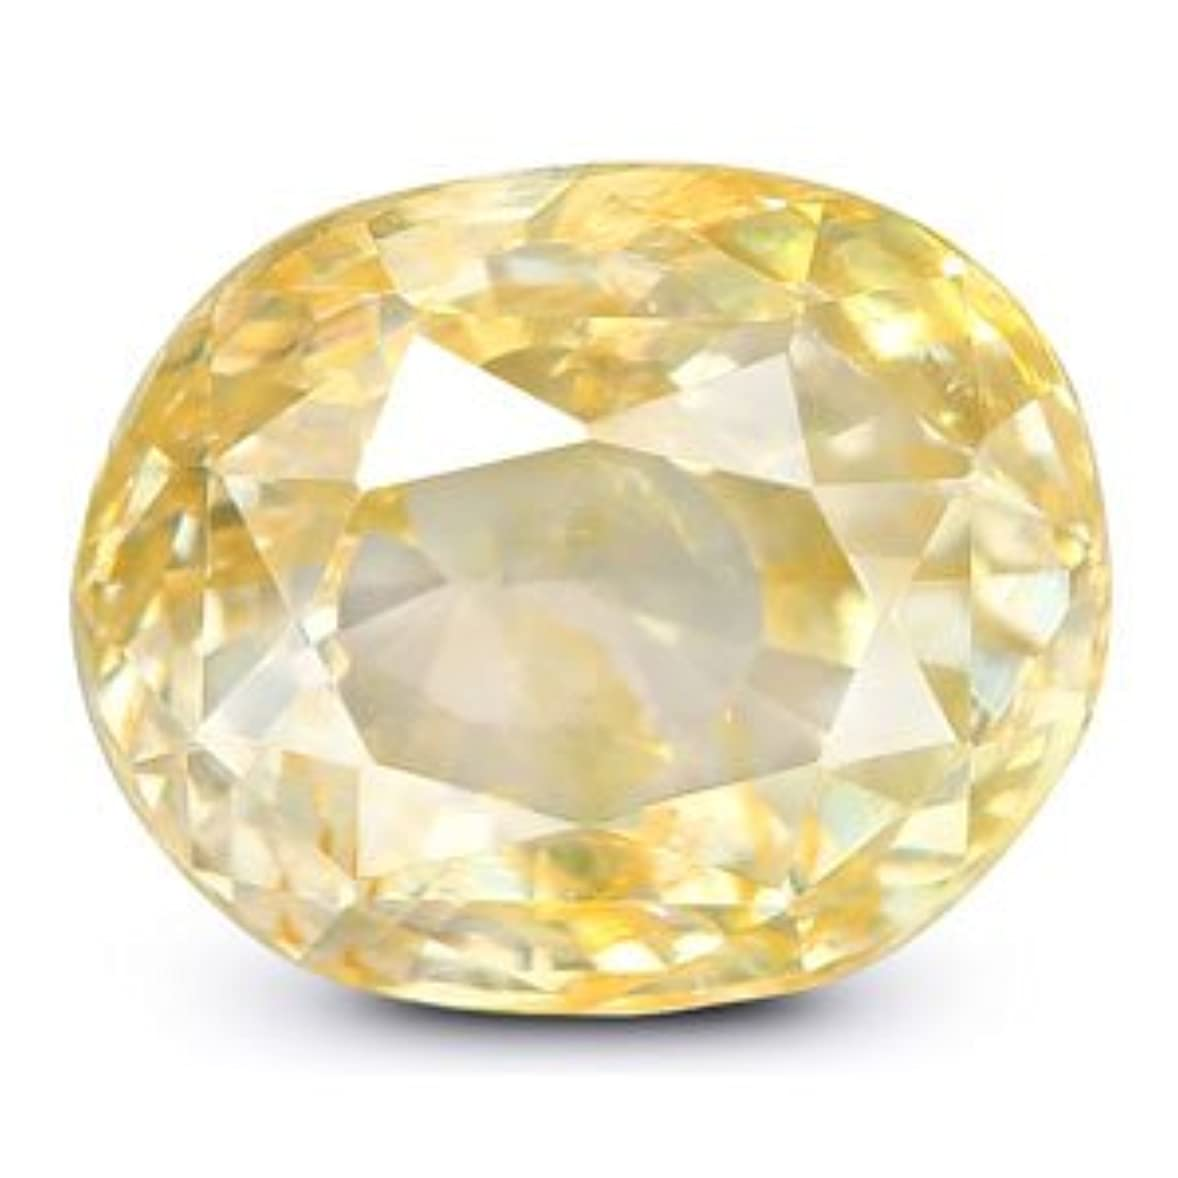 値遺産腐食するシトリン原石天然認定オーバルカットルースストーン6.9カラットby gemselect